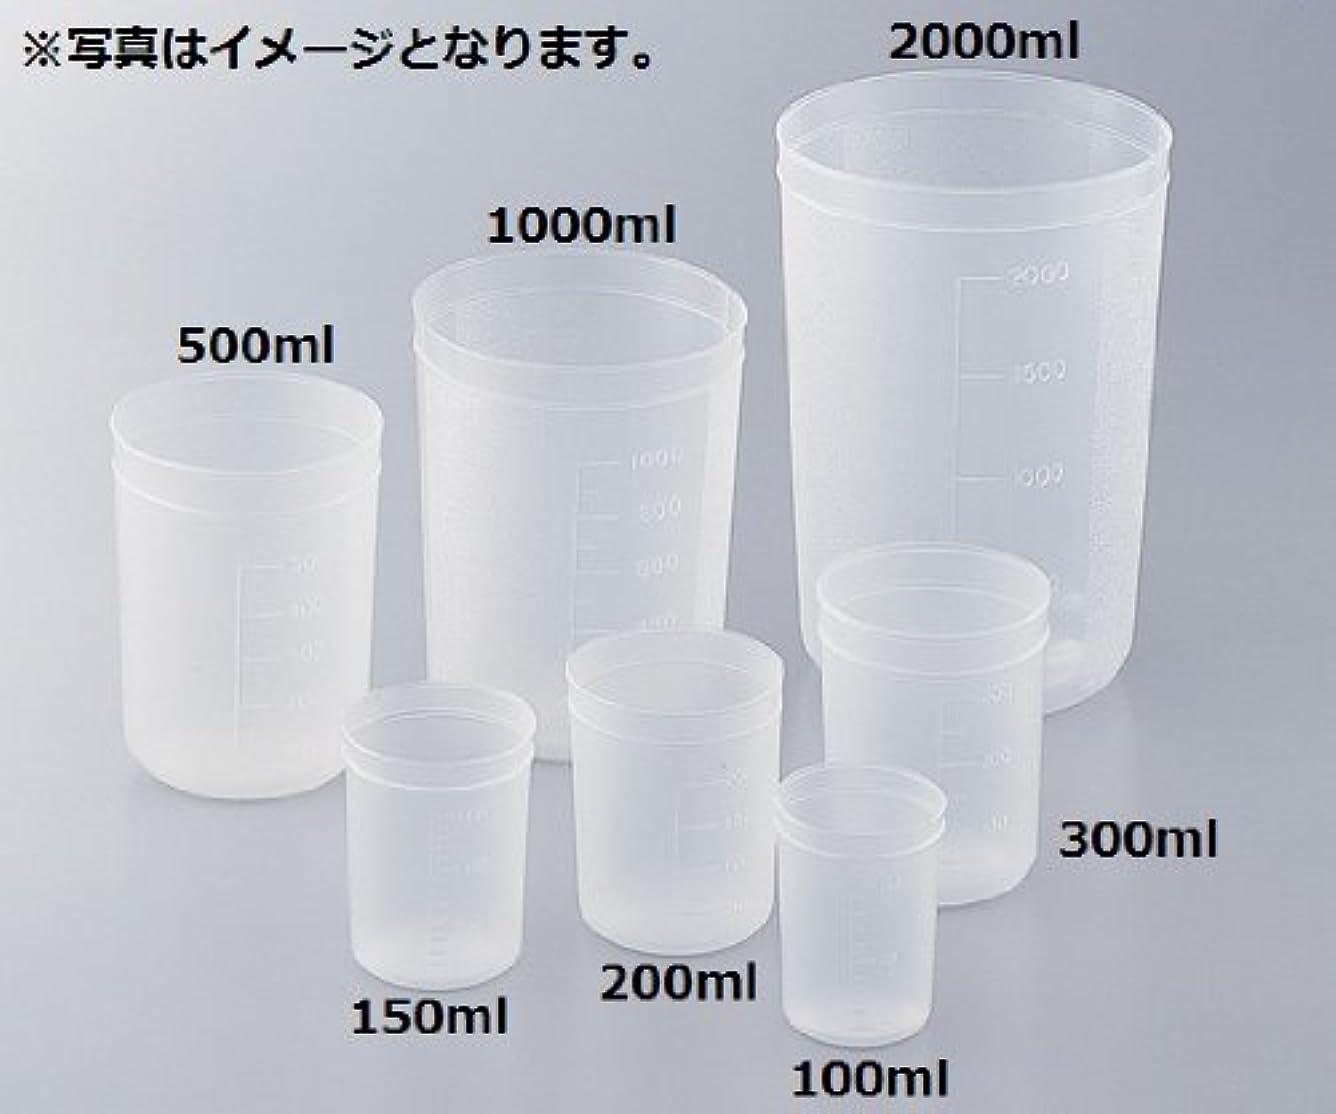 ディスポカップ ブロー成形 1000ml  1個